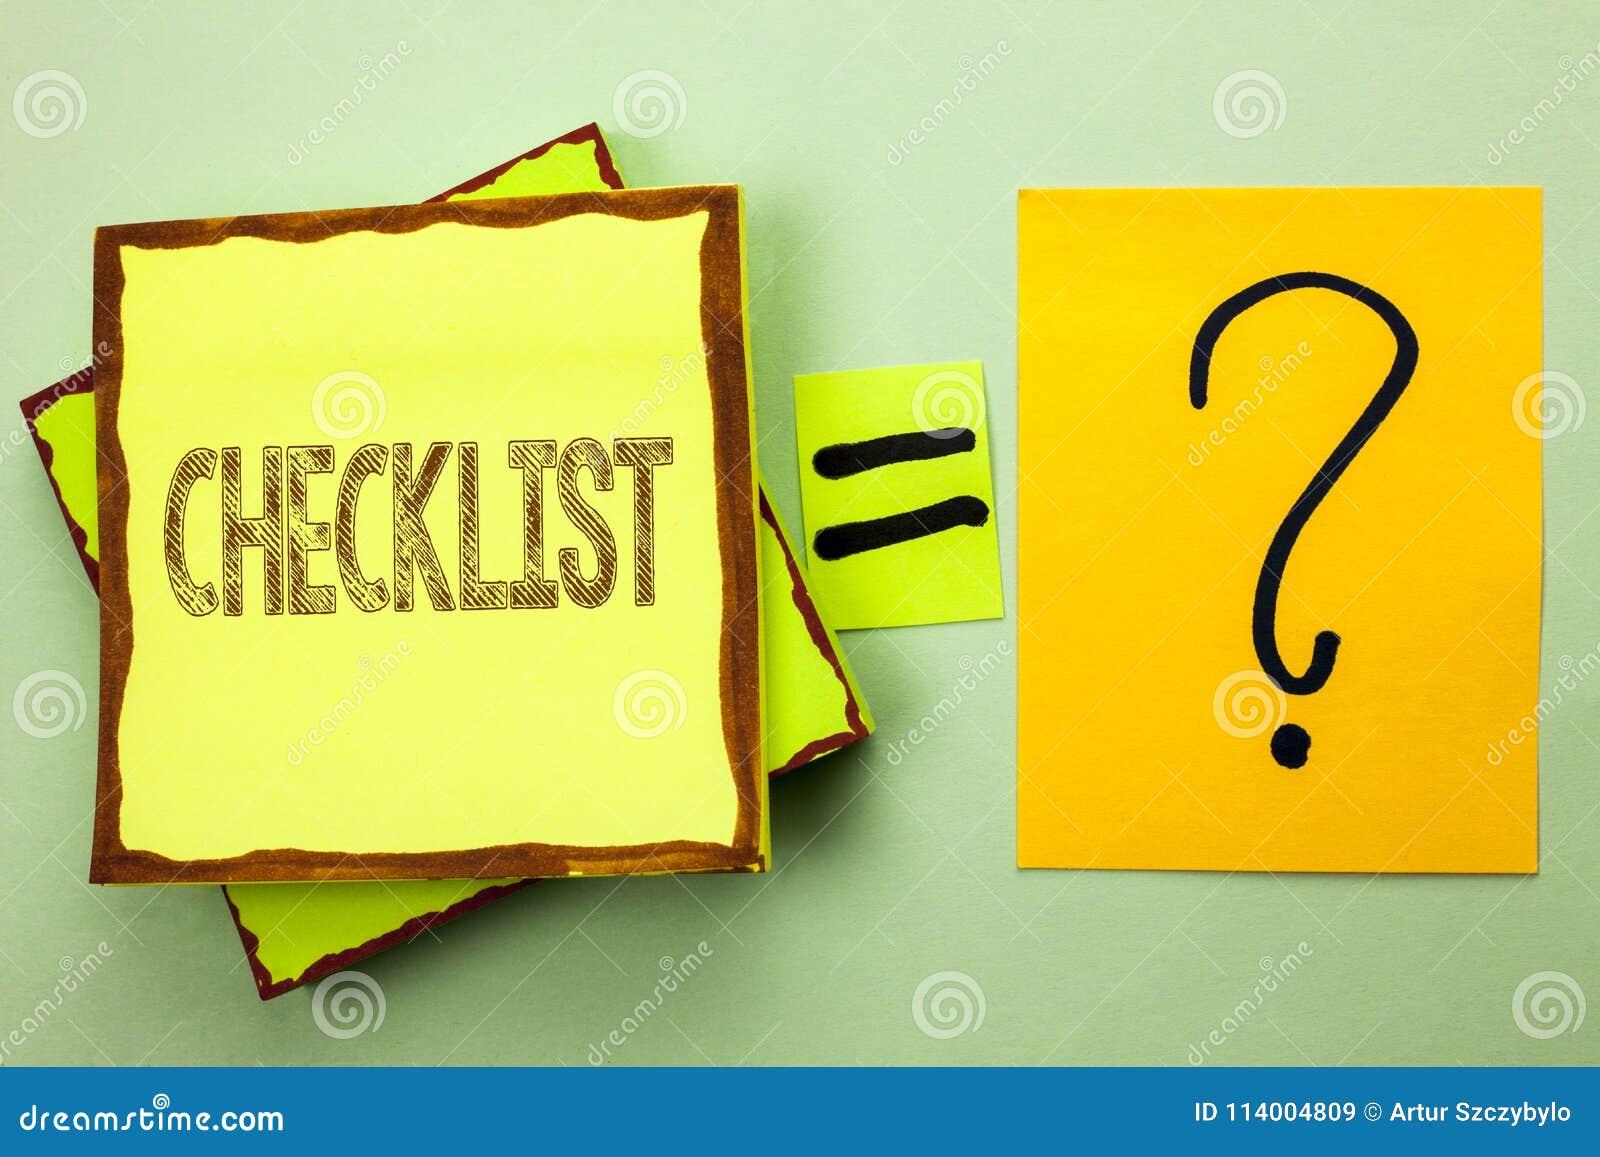 Begreppsmässigt foto för affär för kontrollista för handhandstilvisning som ställer ut frågeformuläret för data för återkoppling